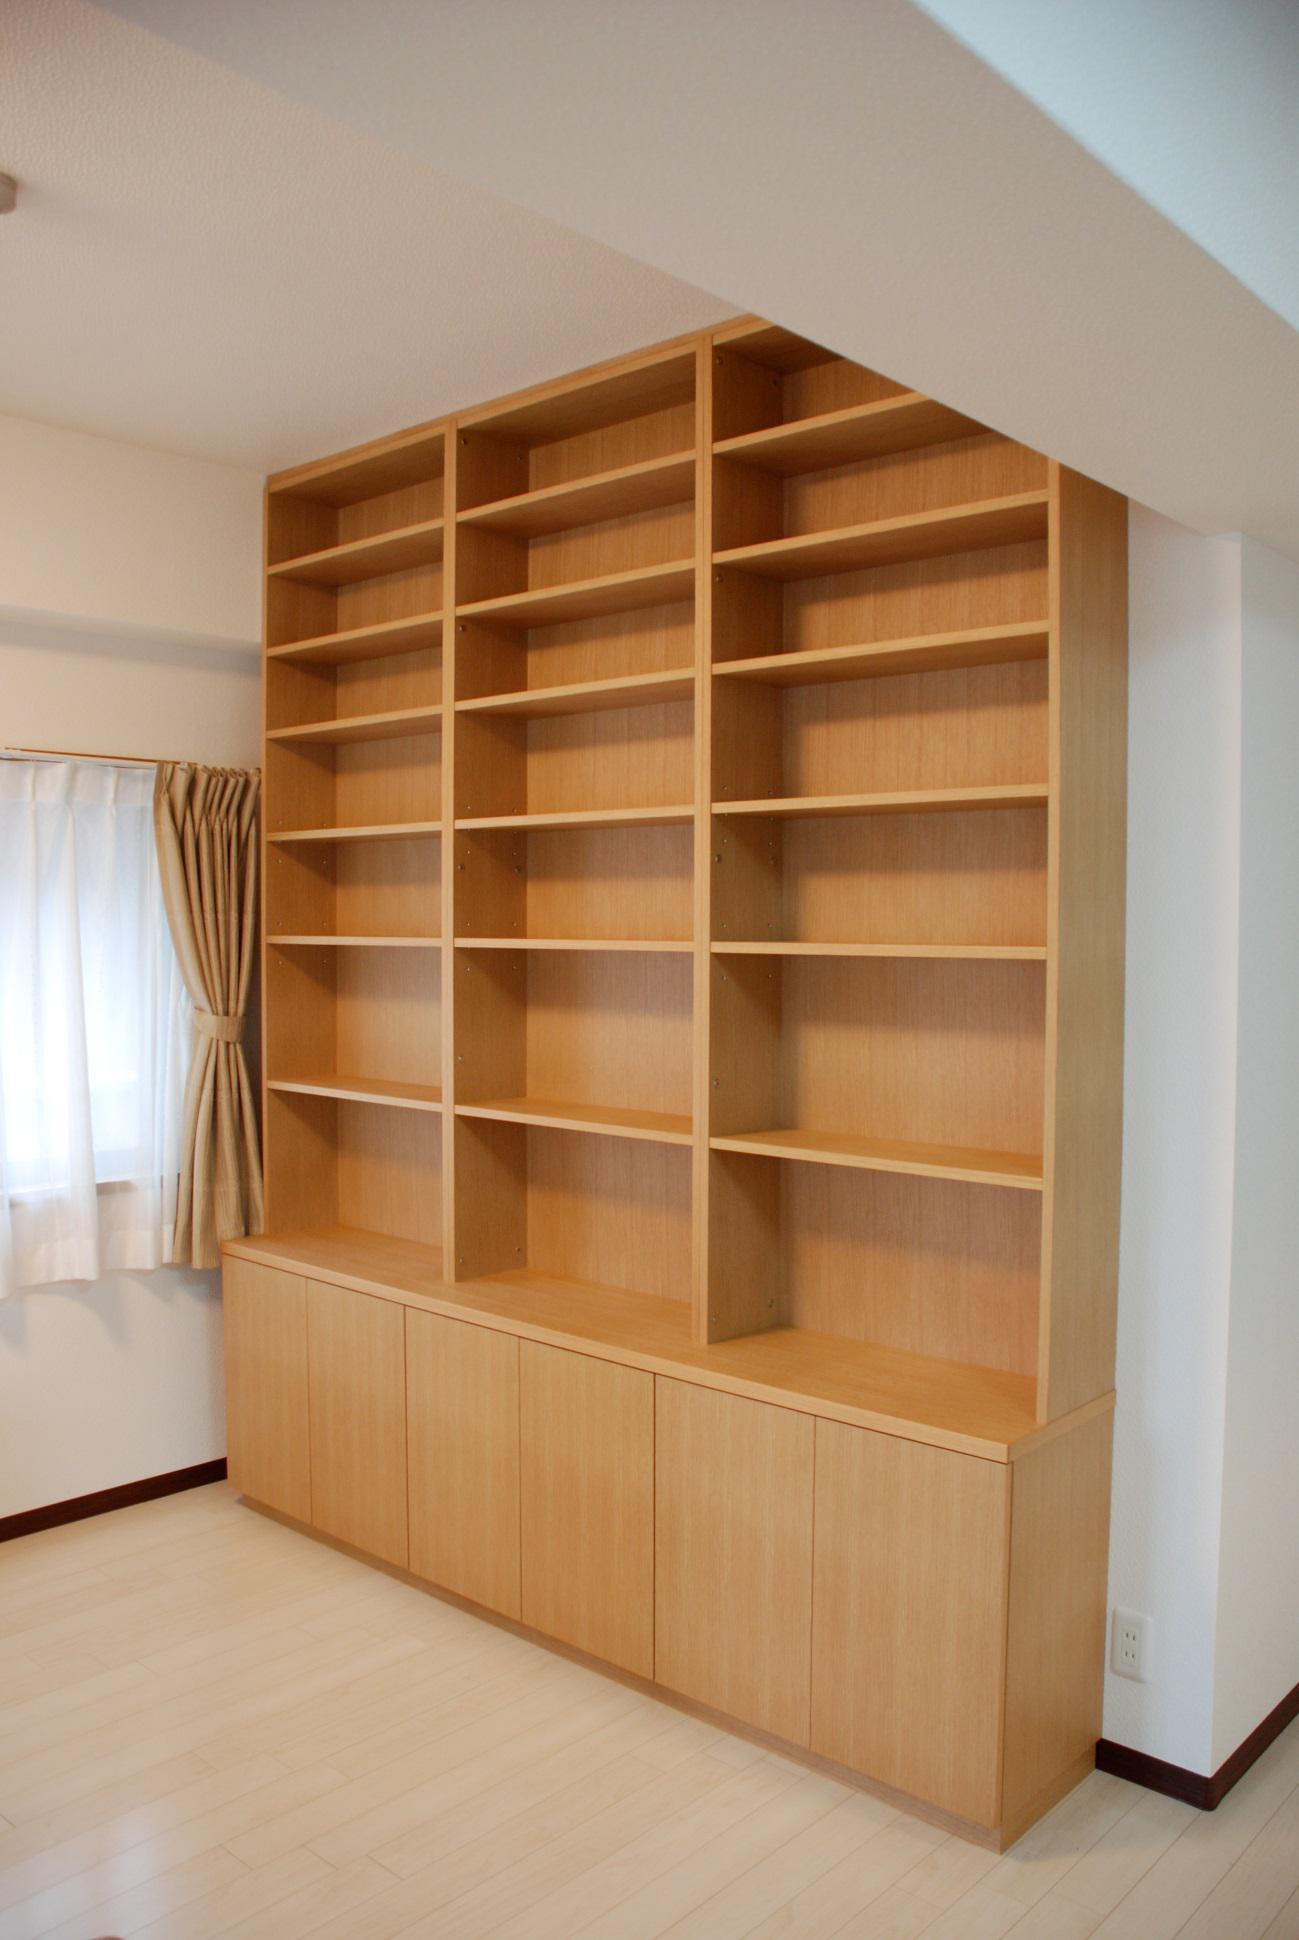 空間にぴったりと収まる別注壁面書籍